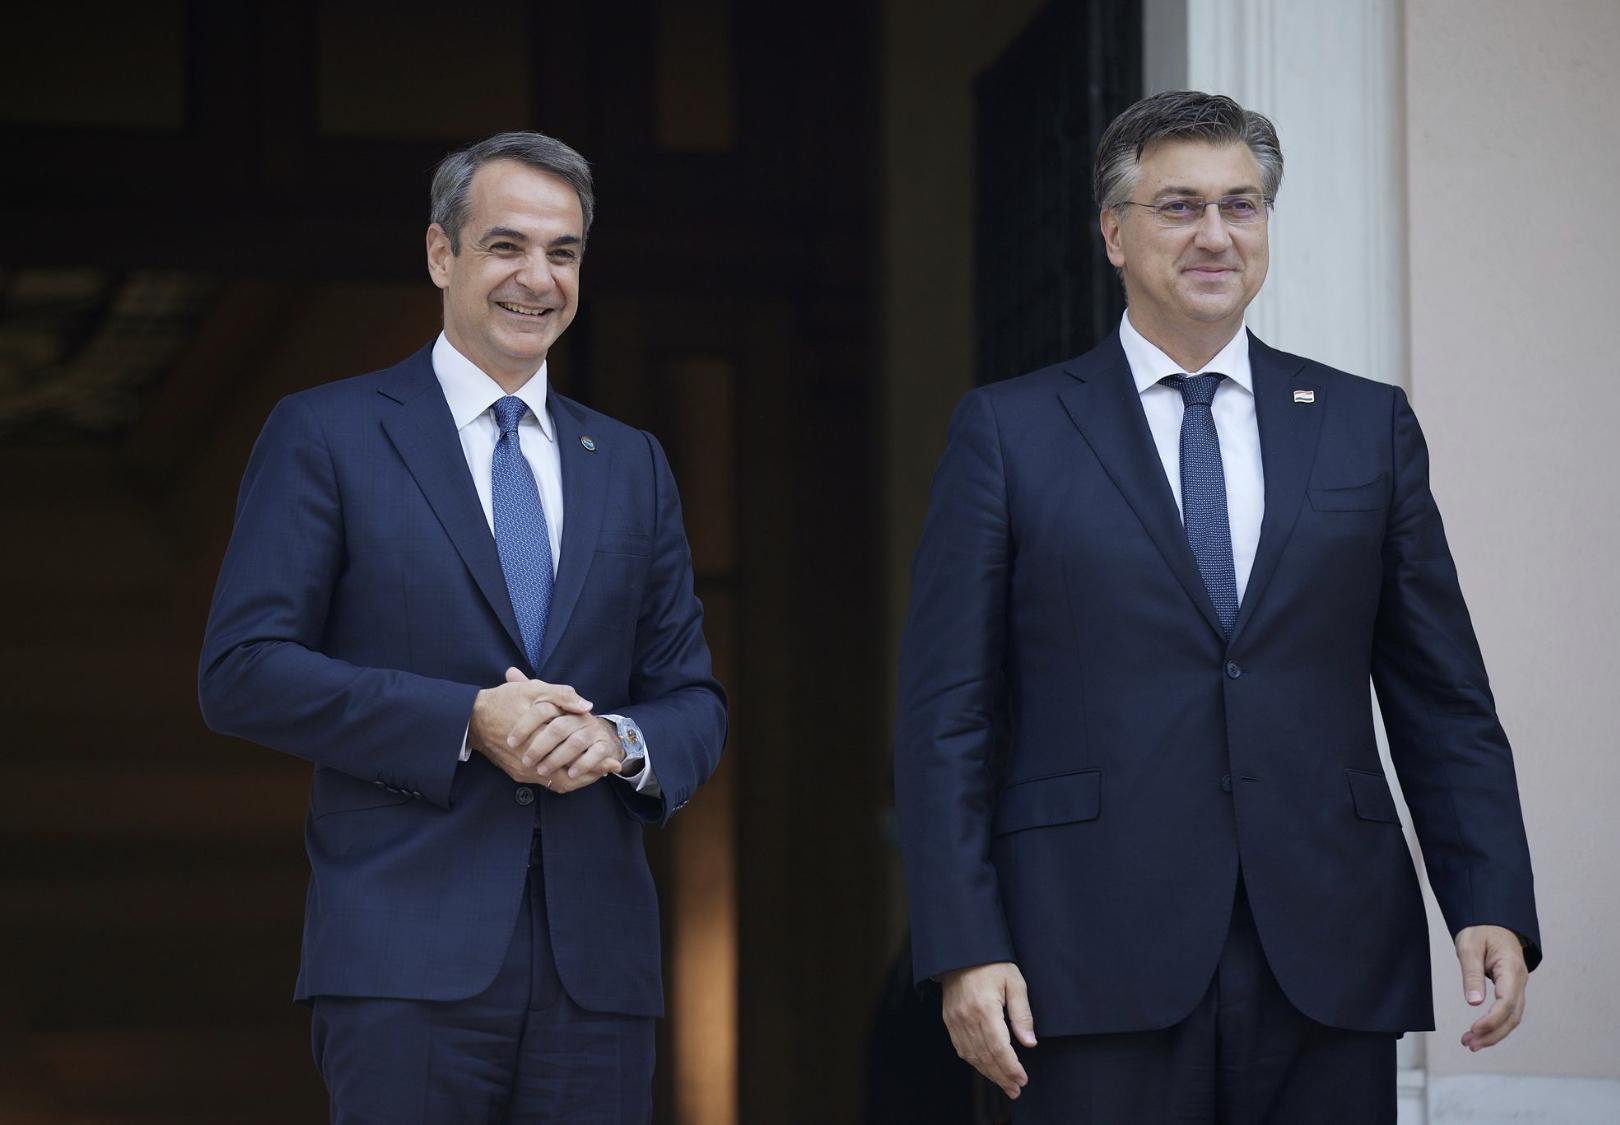 Τον Πρωθυπουργό της Κροατίας υποδέχτηκε ο Έλληνας Πρωθυπουργός στην Αθήνα